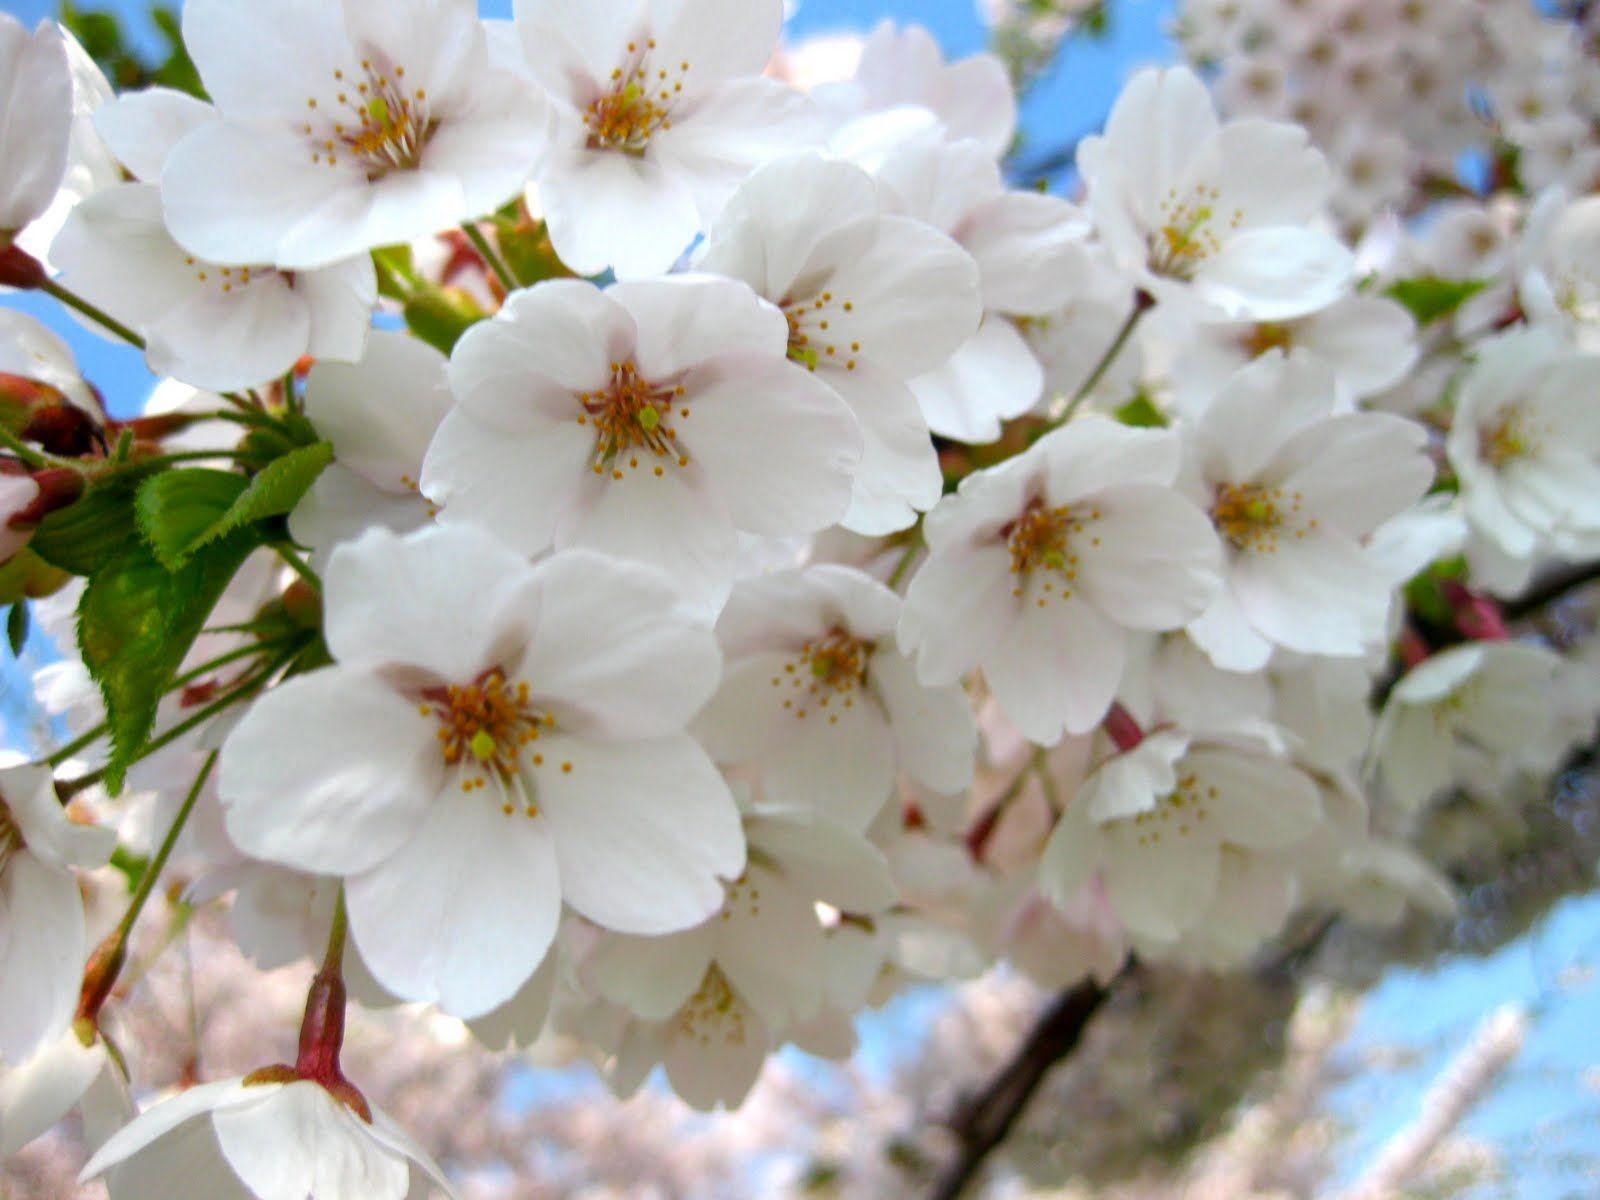 White apple flowers spring pinterest apples flower and white white apple flowers mightylinksfo